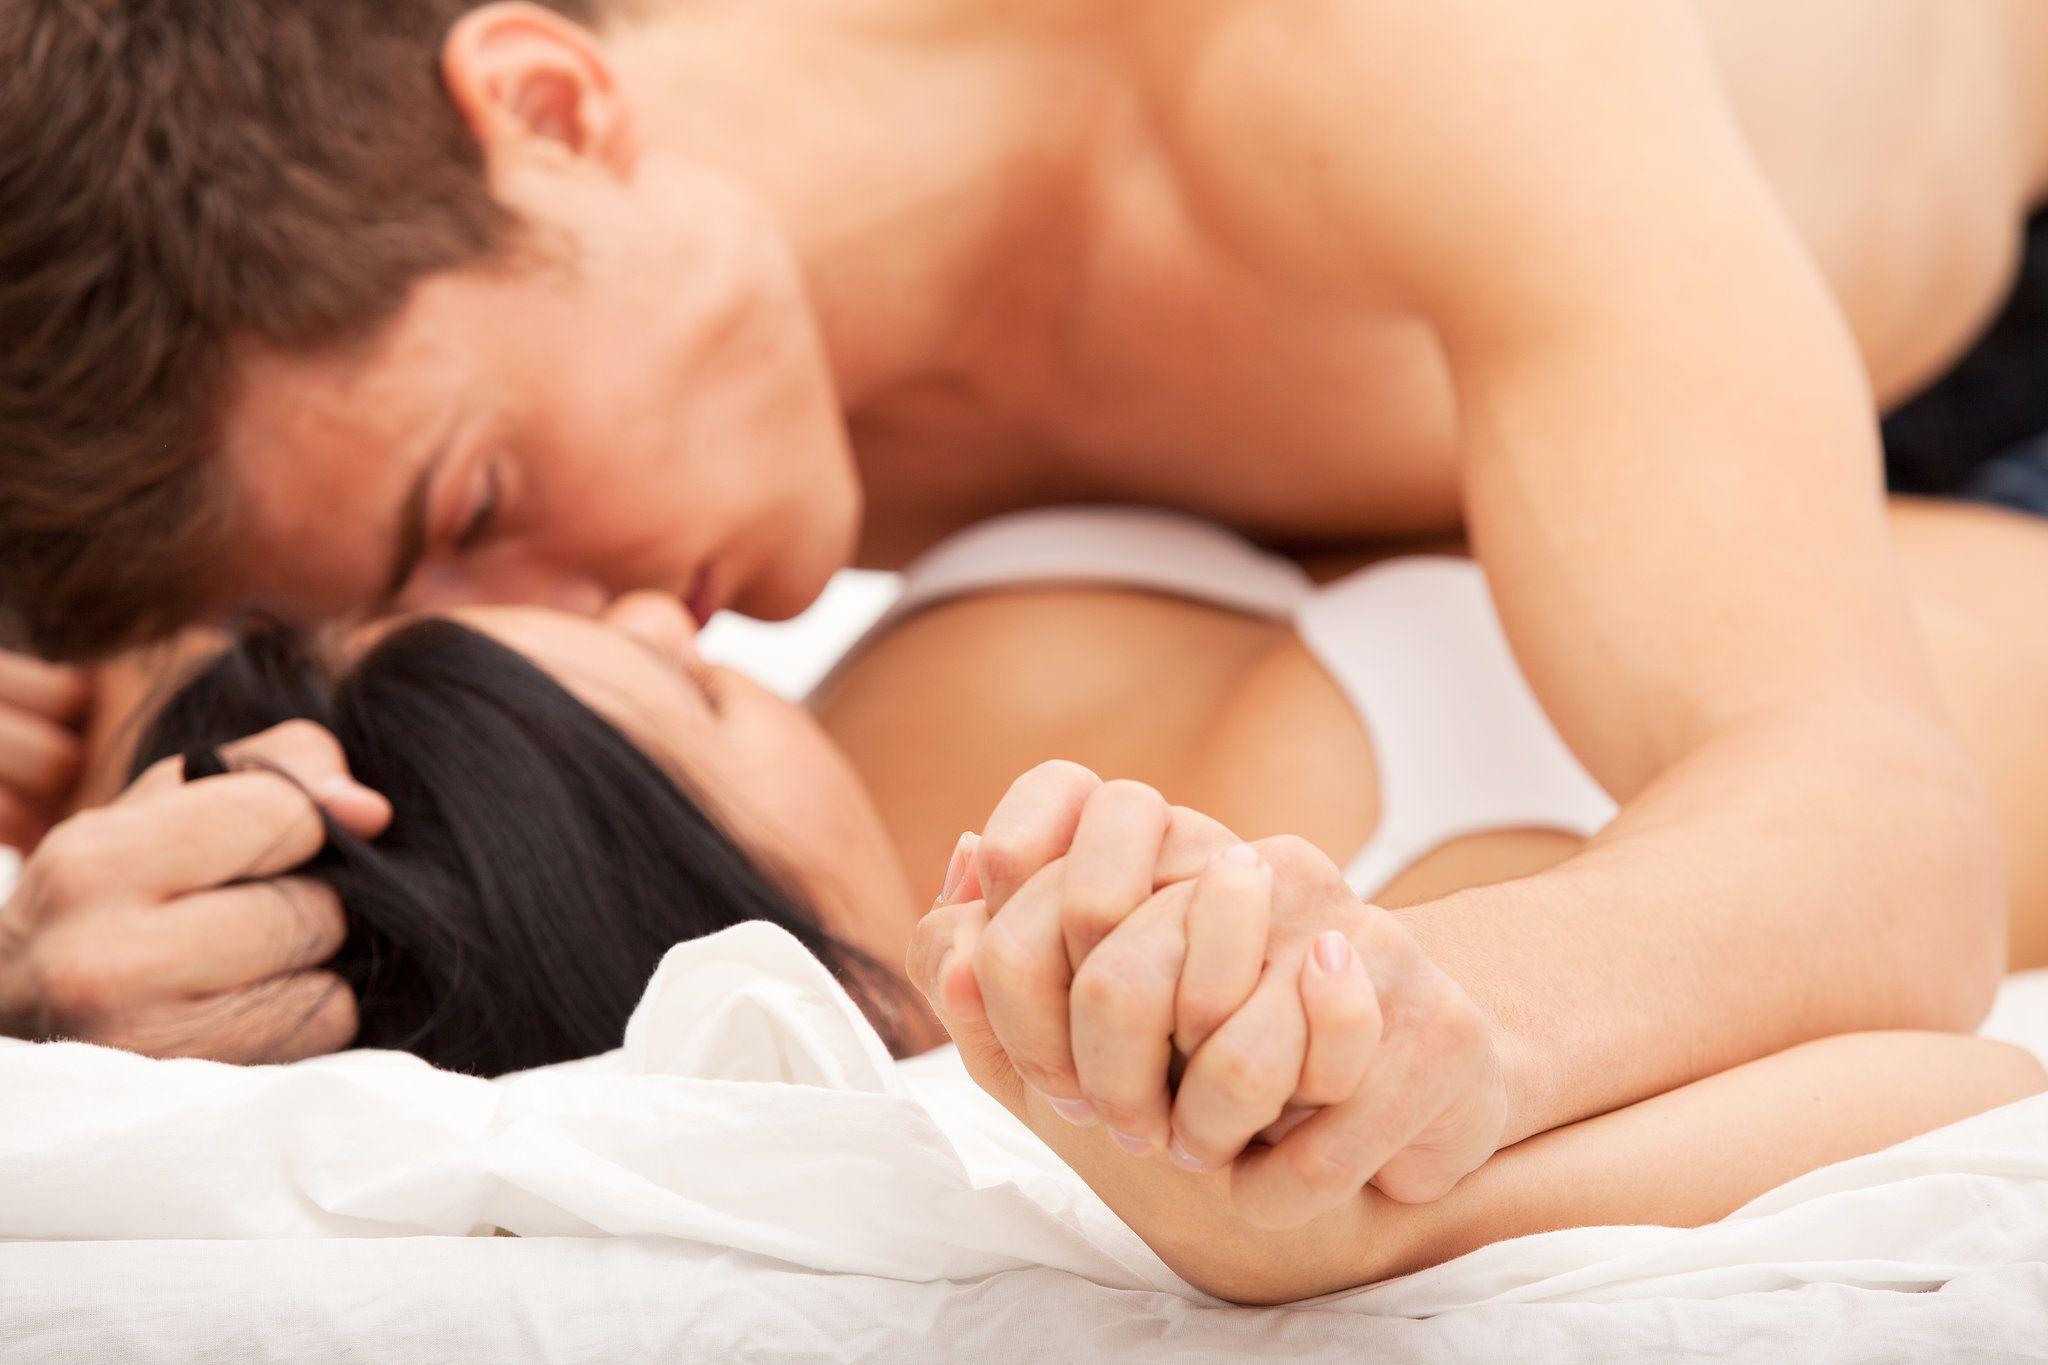 Как продлить и усилить мужской оргазм: растянуть удовольствие легко